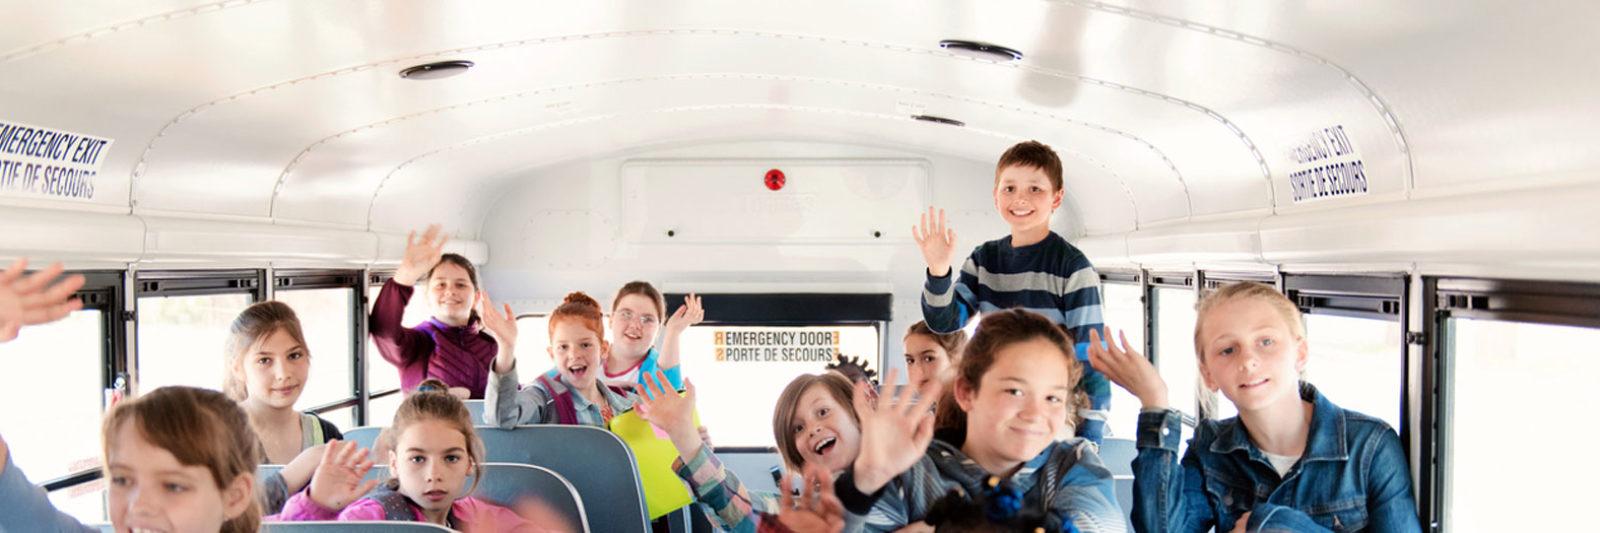 Niños niñas dentro de un autobús